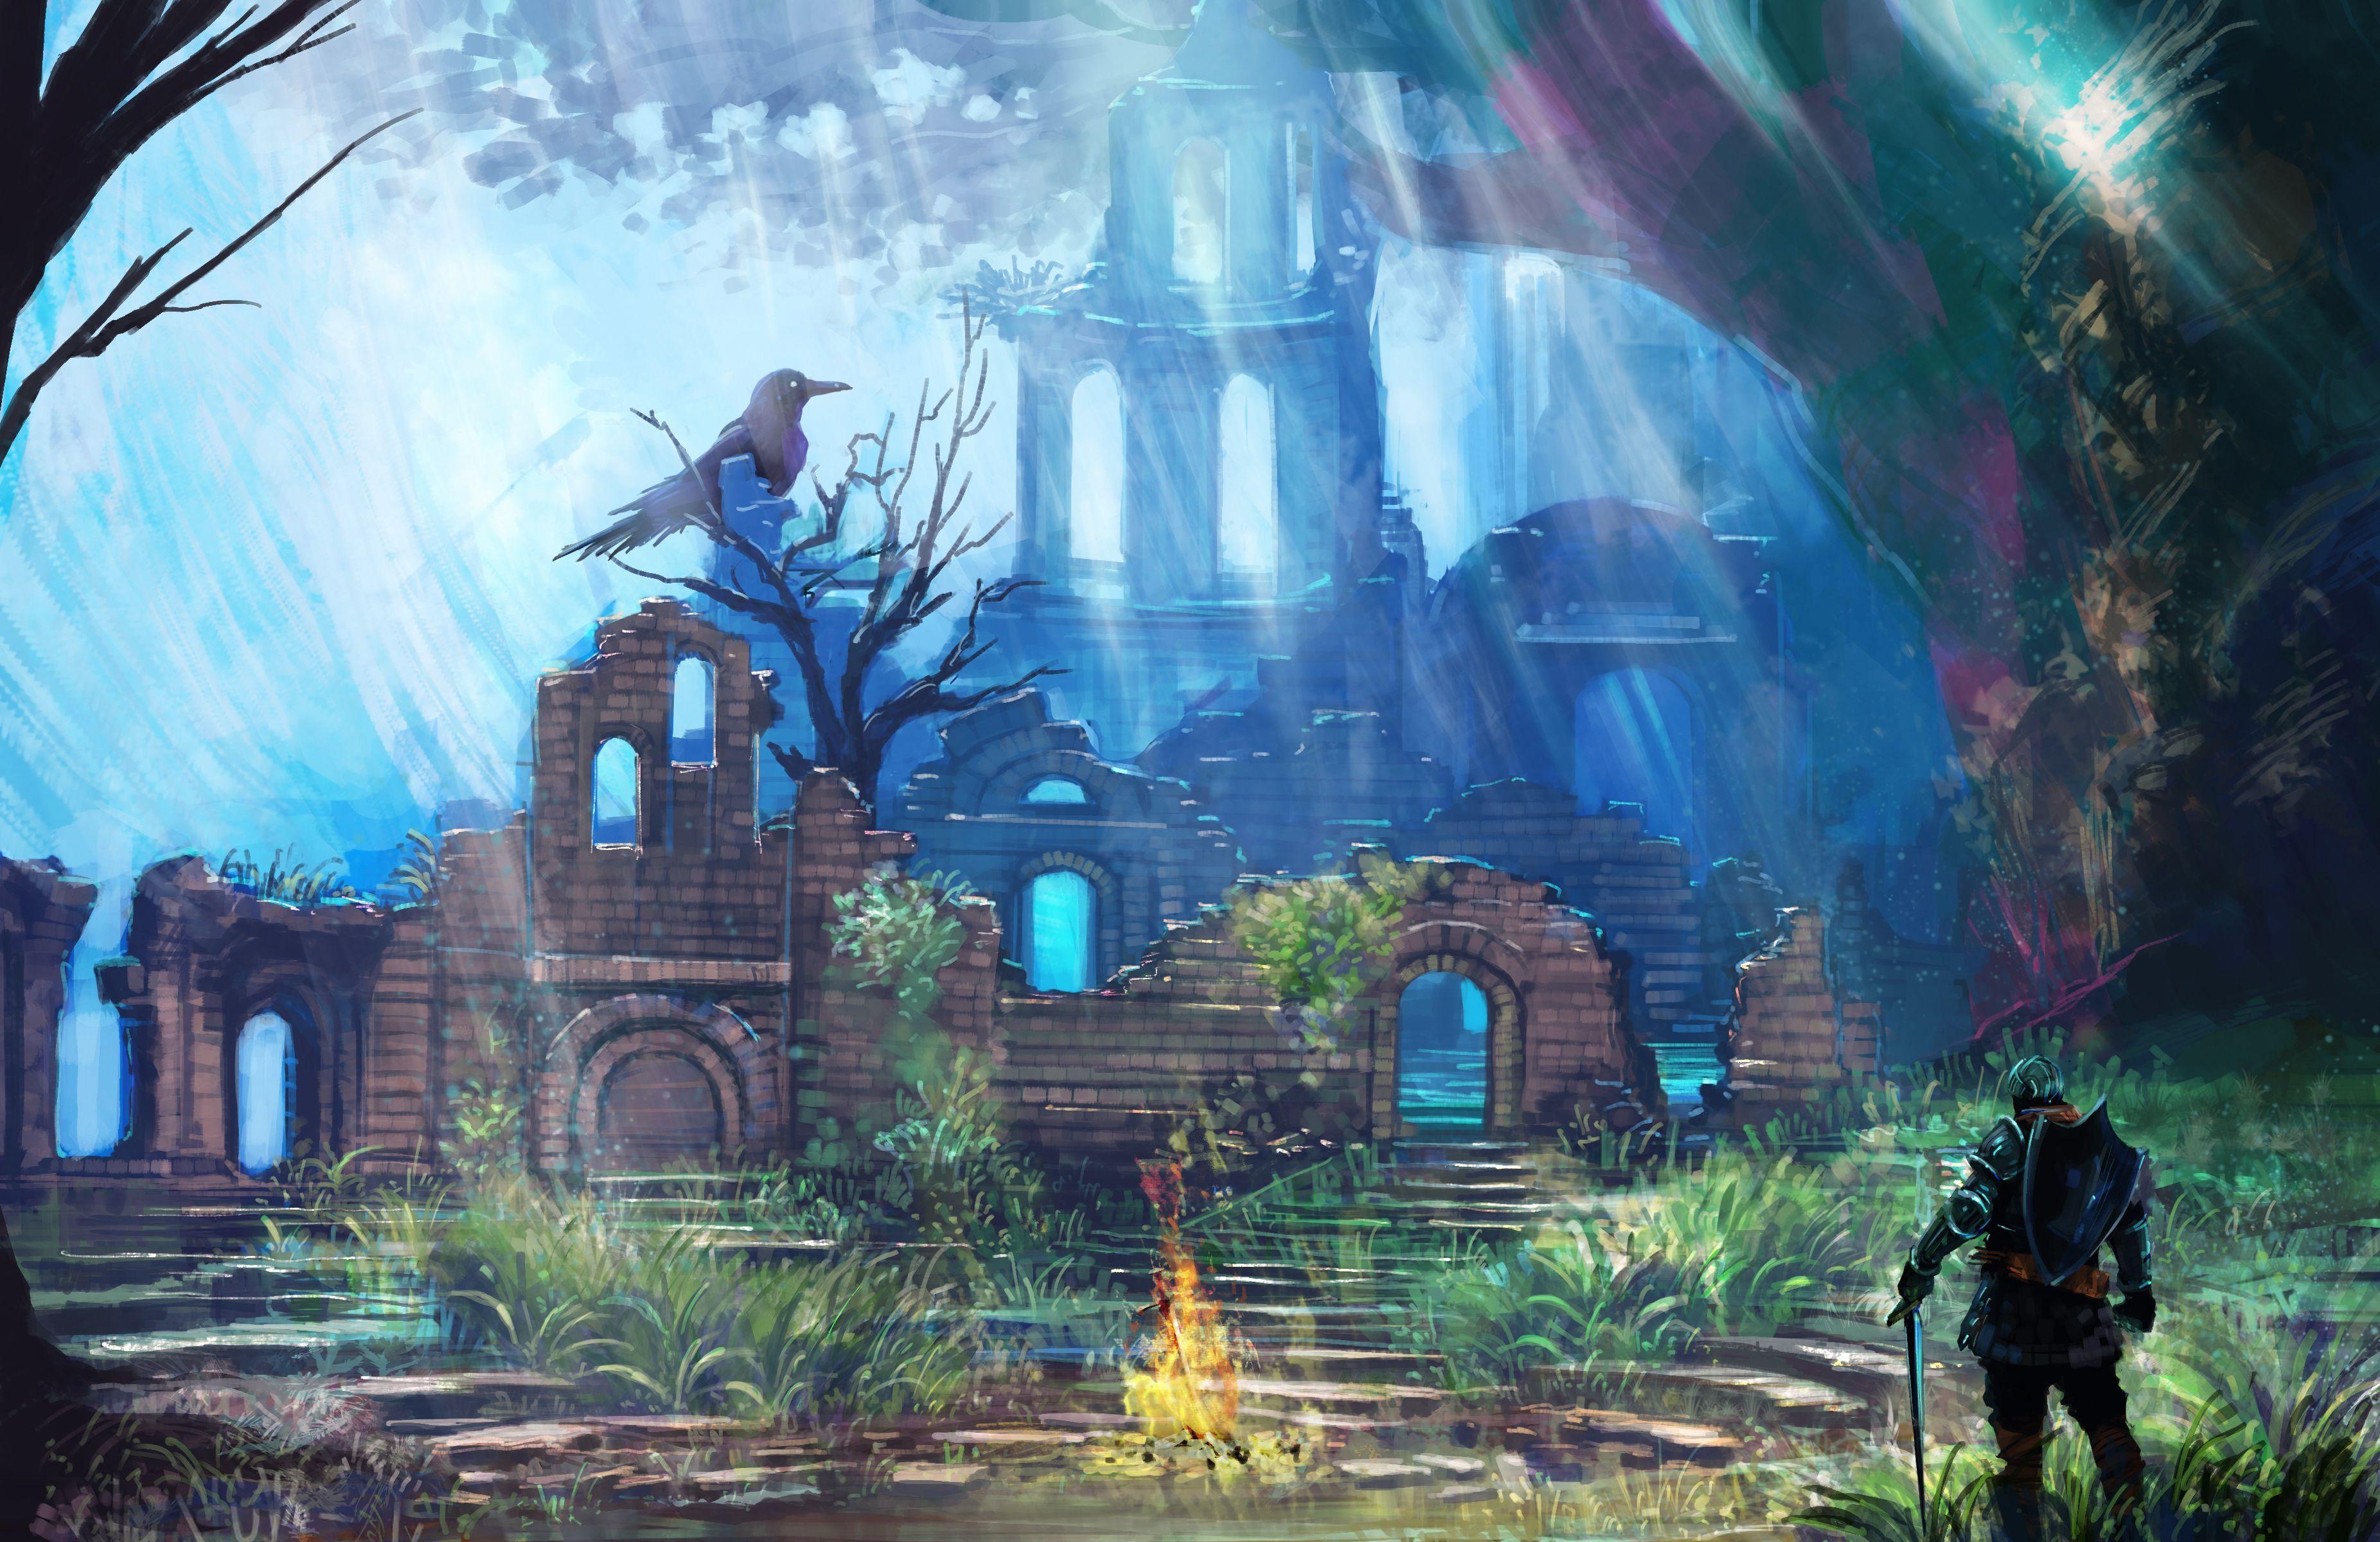 Dark Souls Firelink Shrine Dark Souls Art Dark Souls Art Fantastique